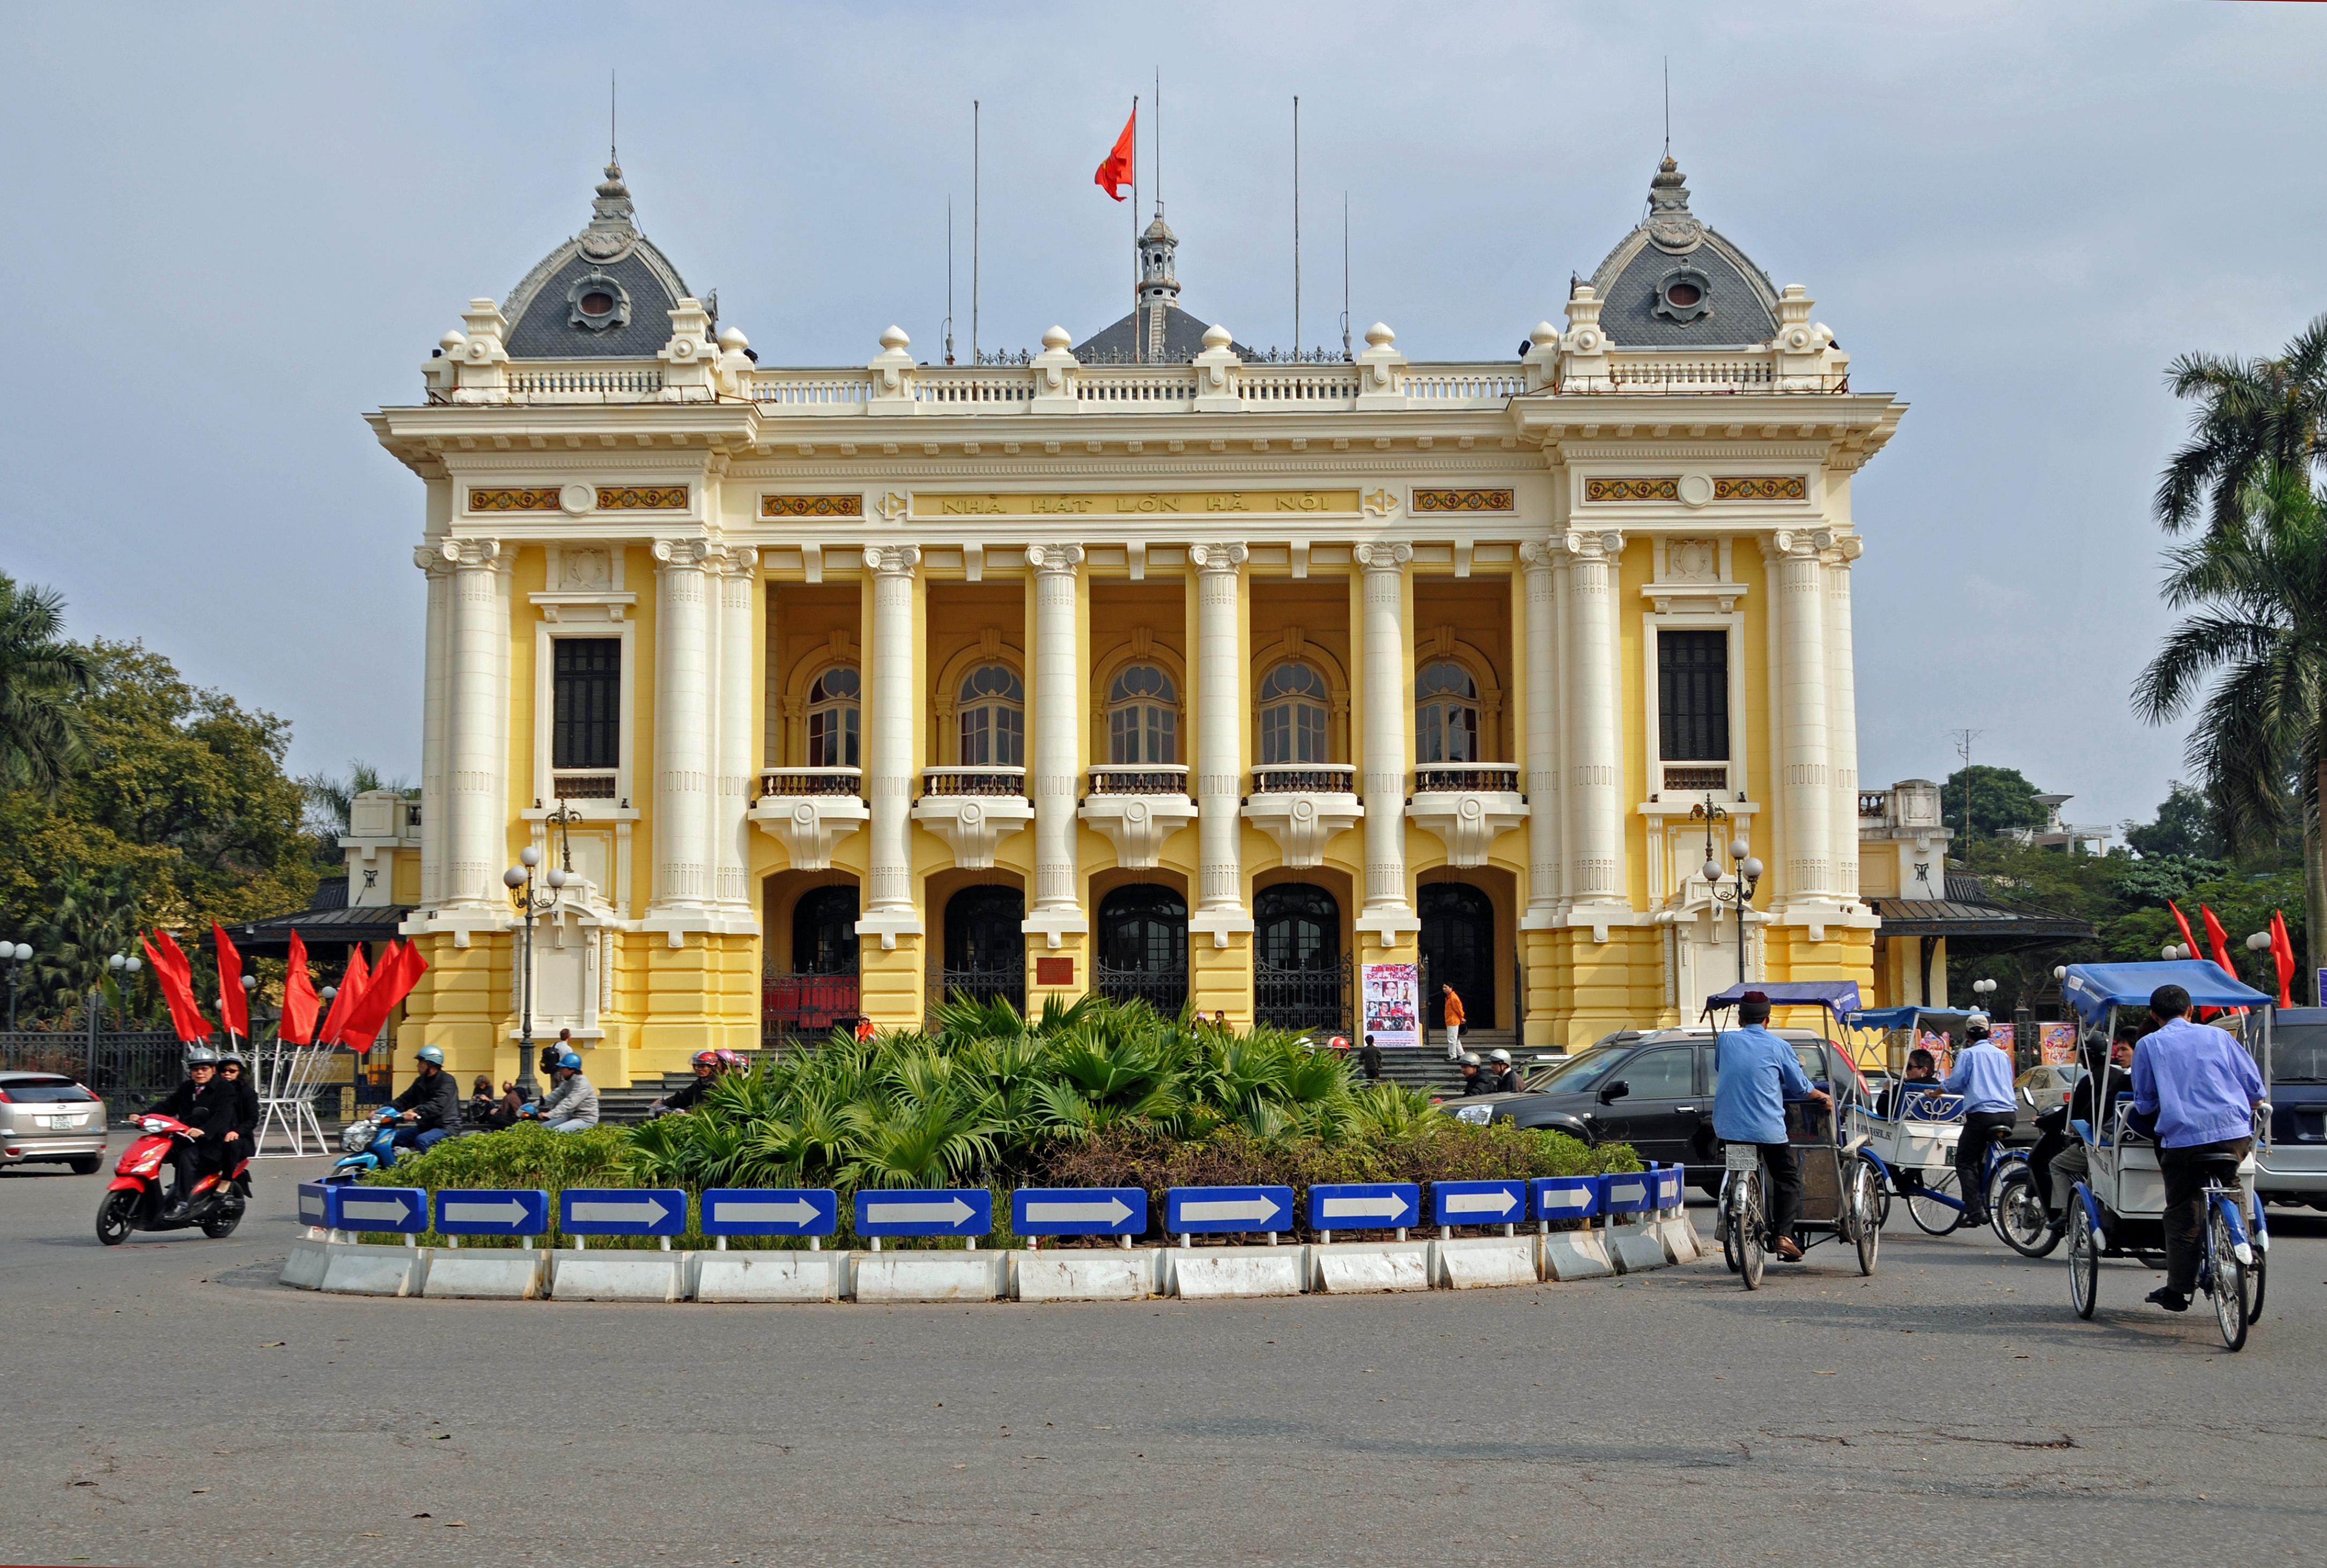 Nhà hát Lớn Hà Nội – Wikipedia tiếng Việt